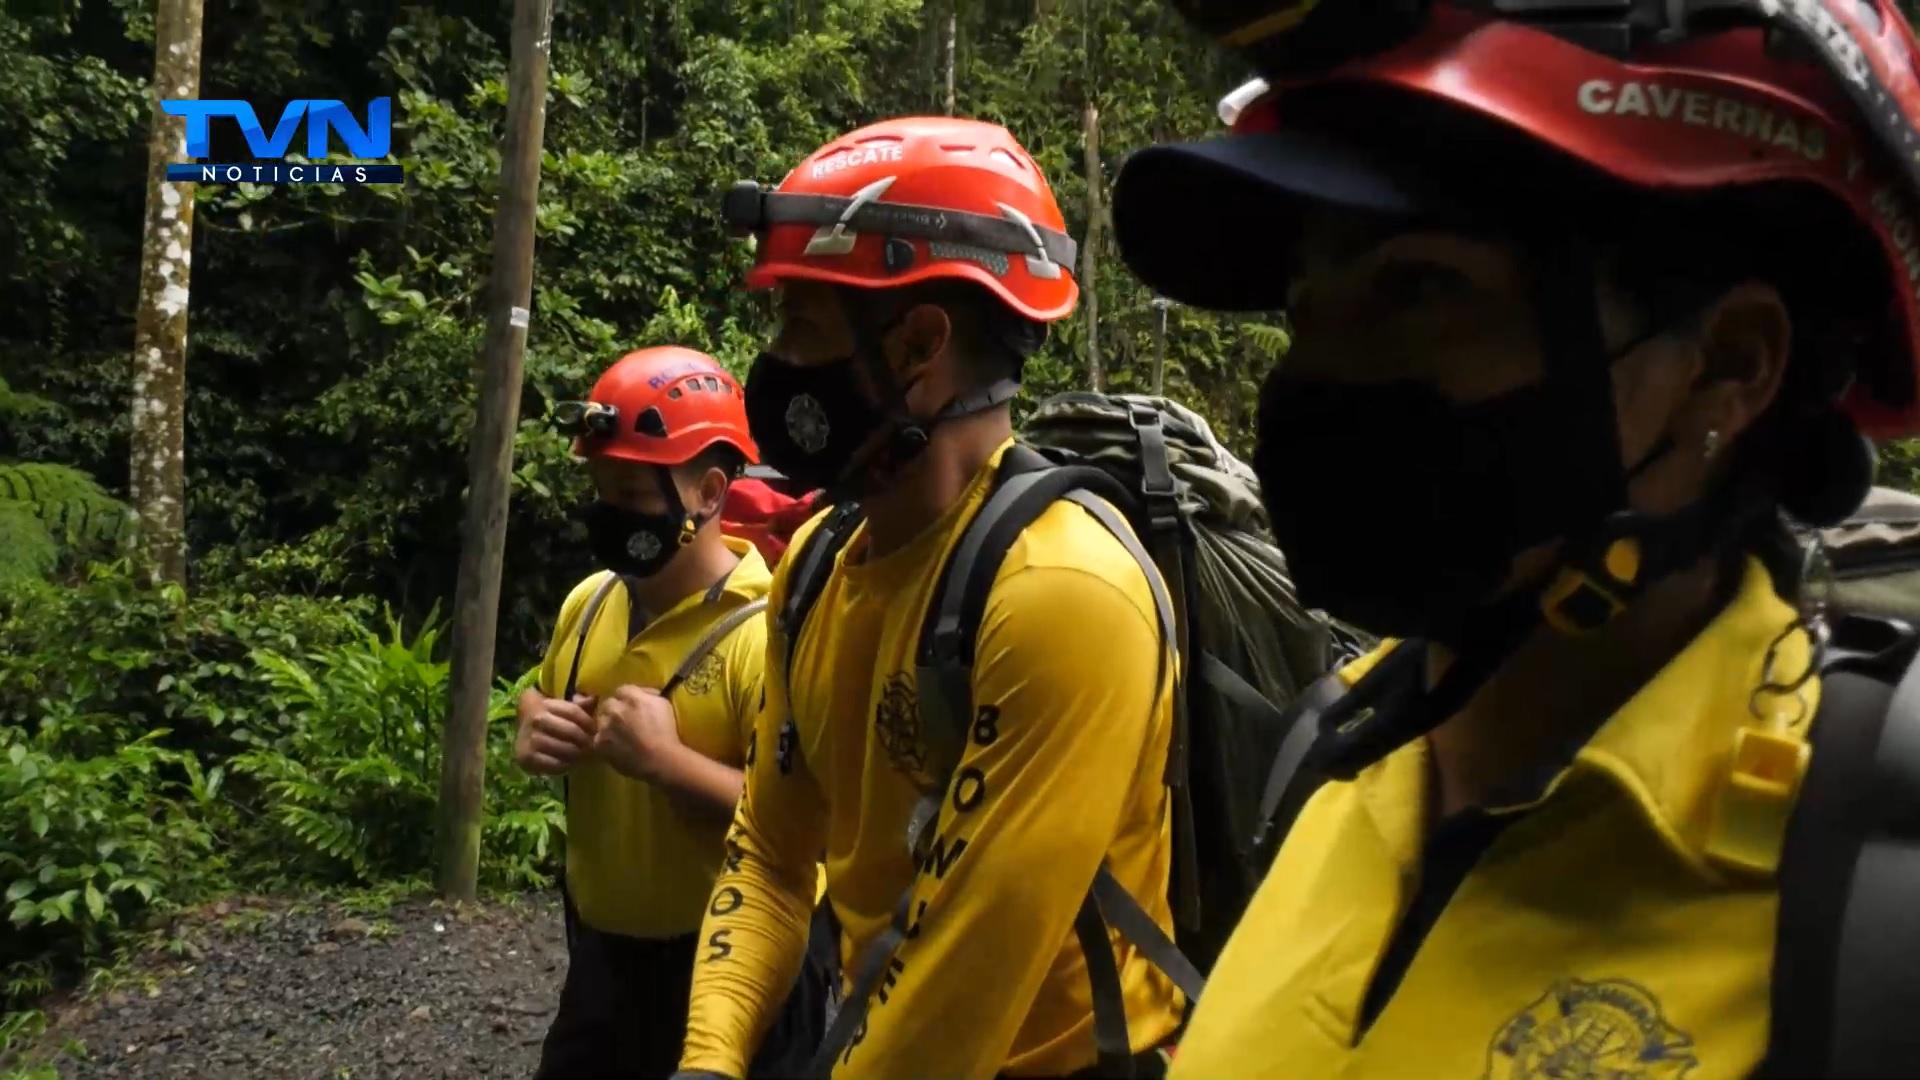 El costo de los rescates y el tipo de volcanes en Costa Rica impiden  el libre acceso